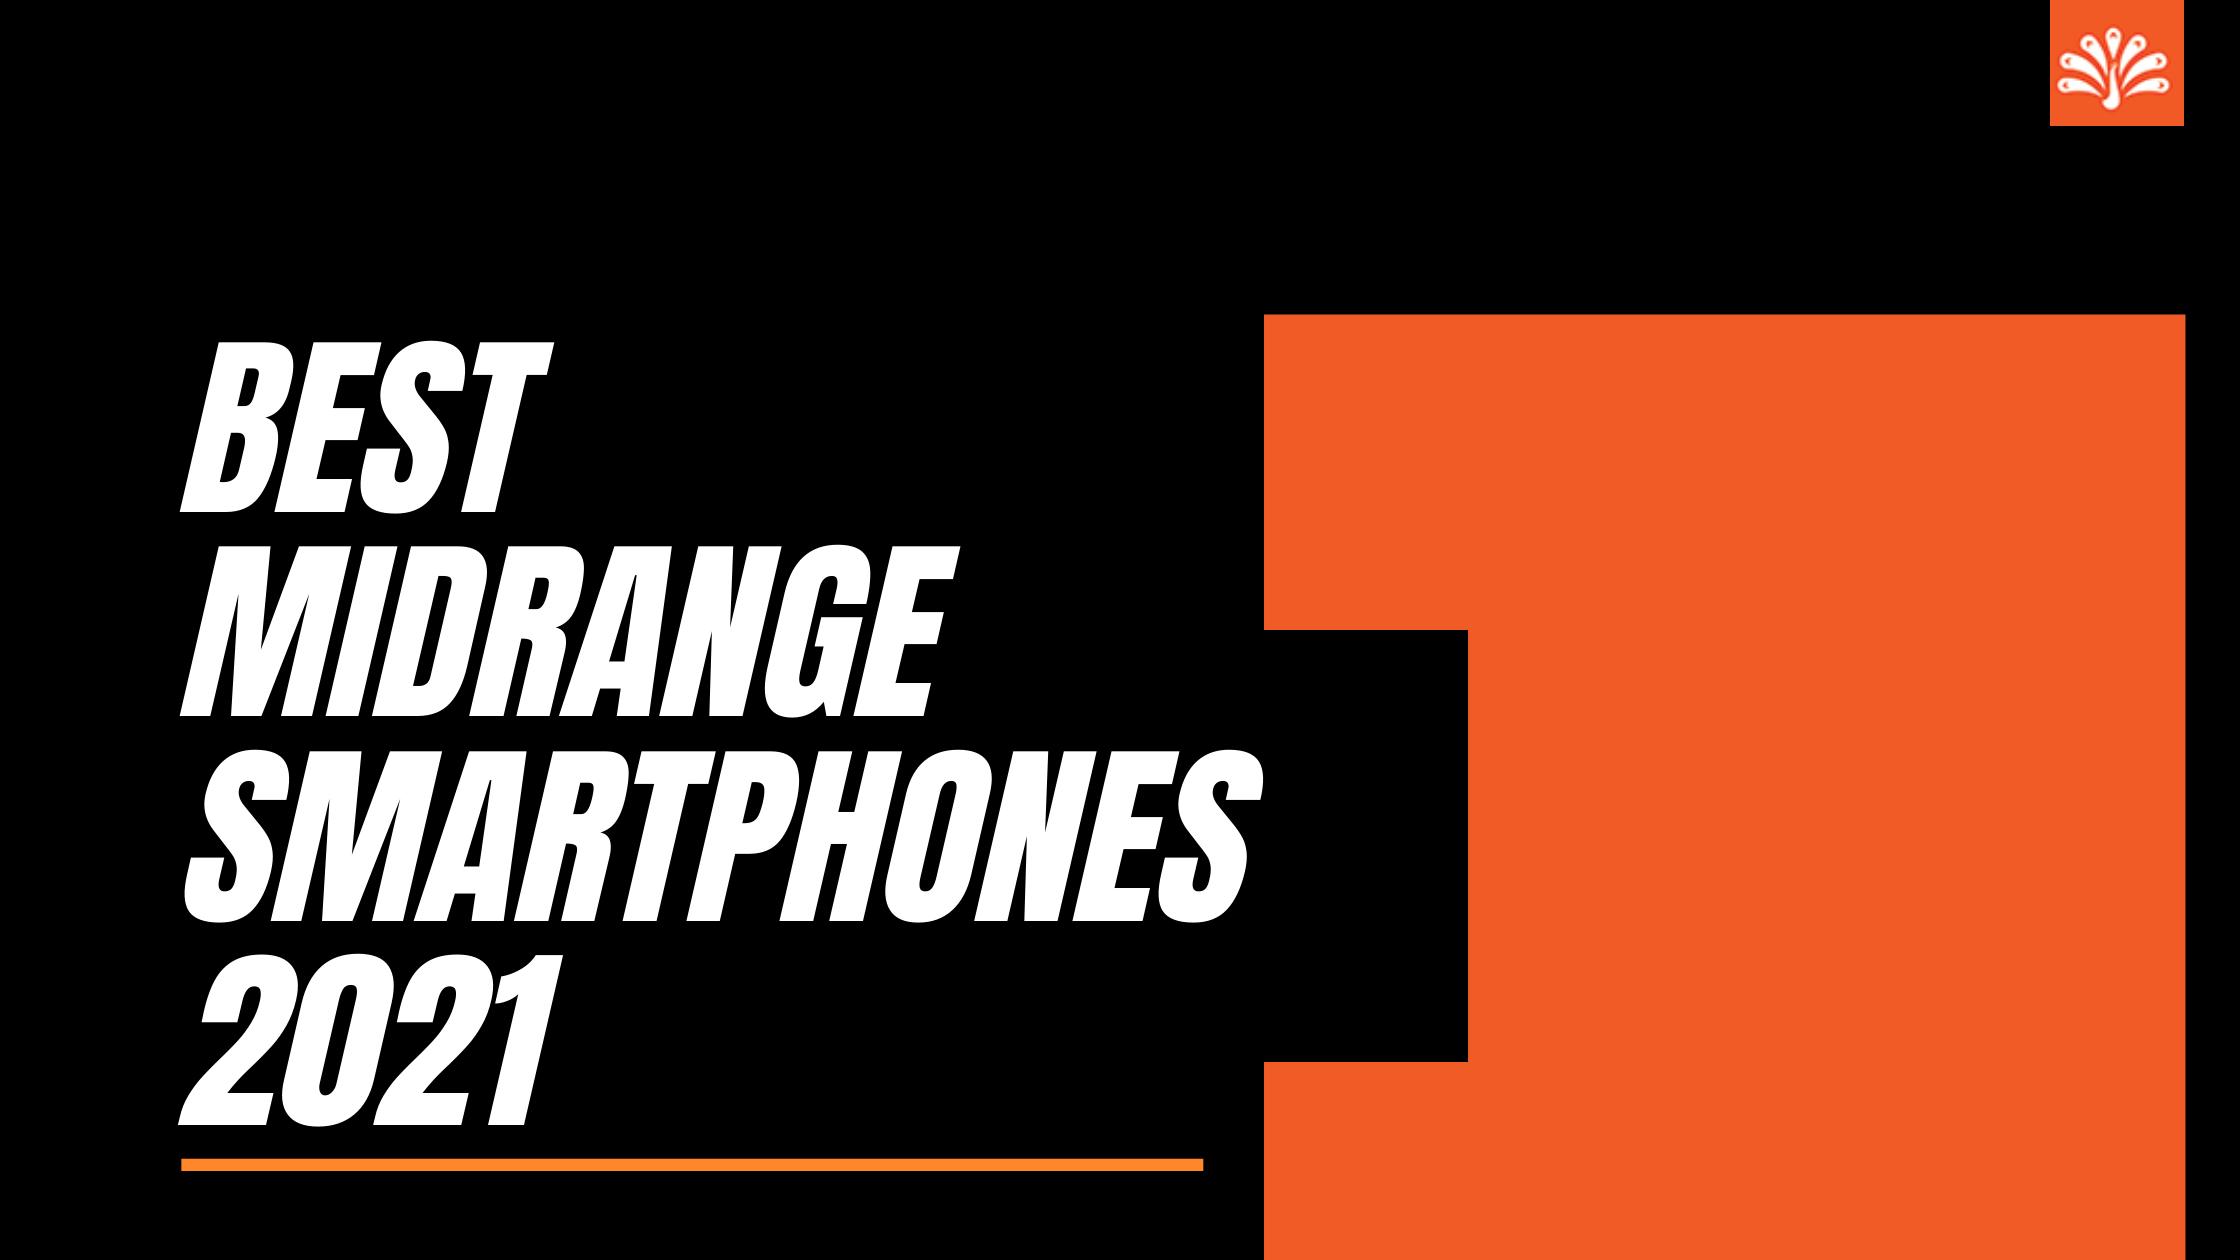 Best-midrange-smartphones-2021